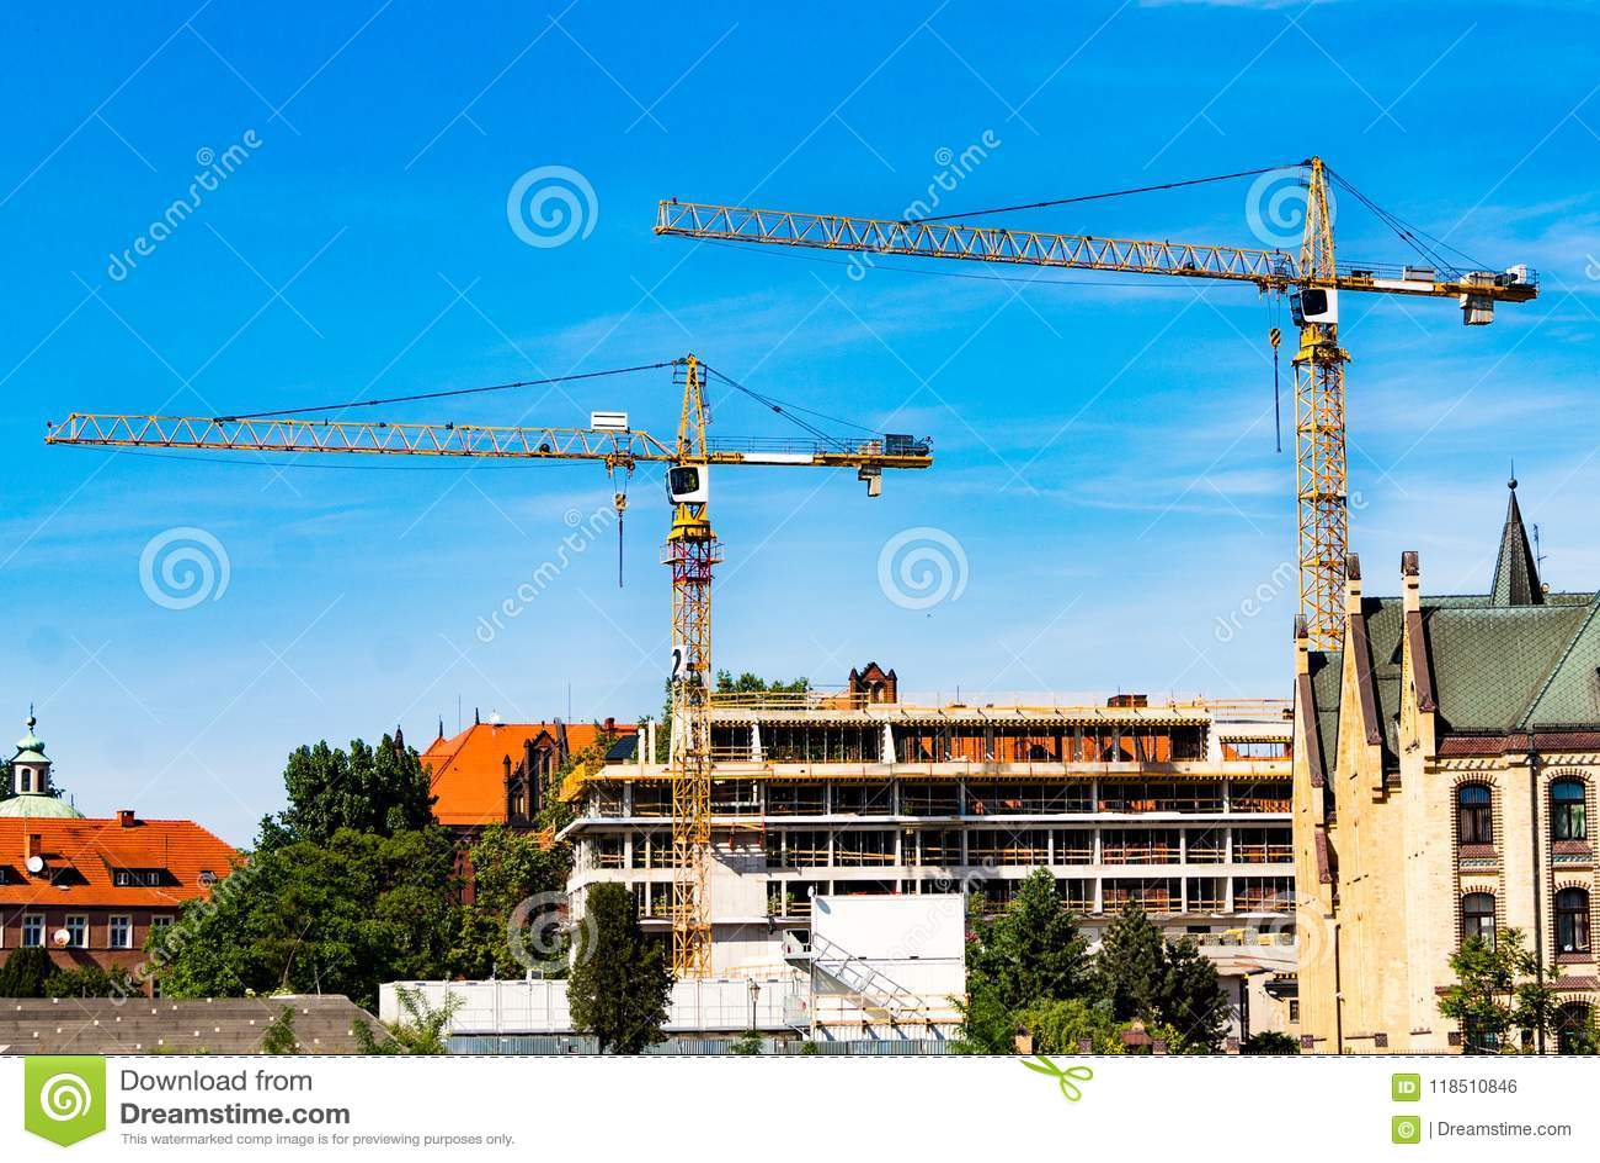 Turmkran, Bau eines Wohnhauses, ein Kran gegen den Himmel, ein Gegengewicht, industrielle Skyline